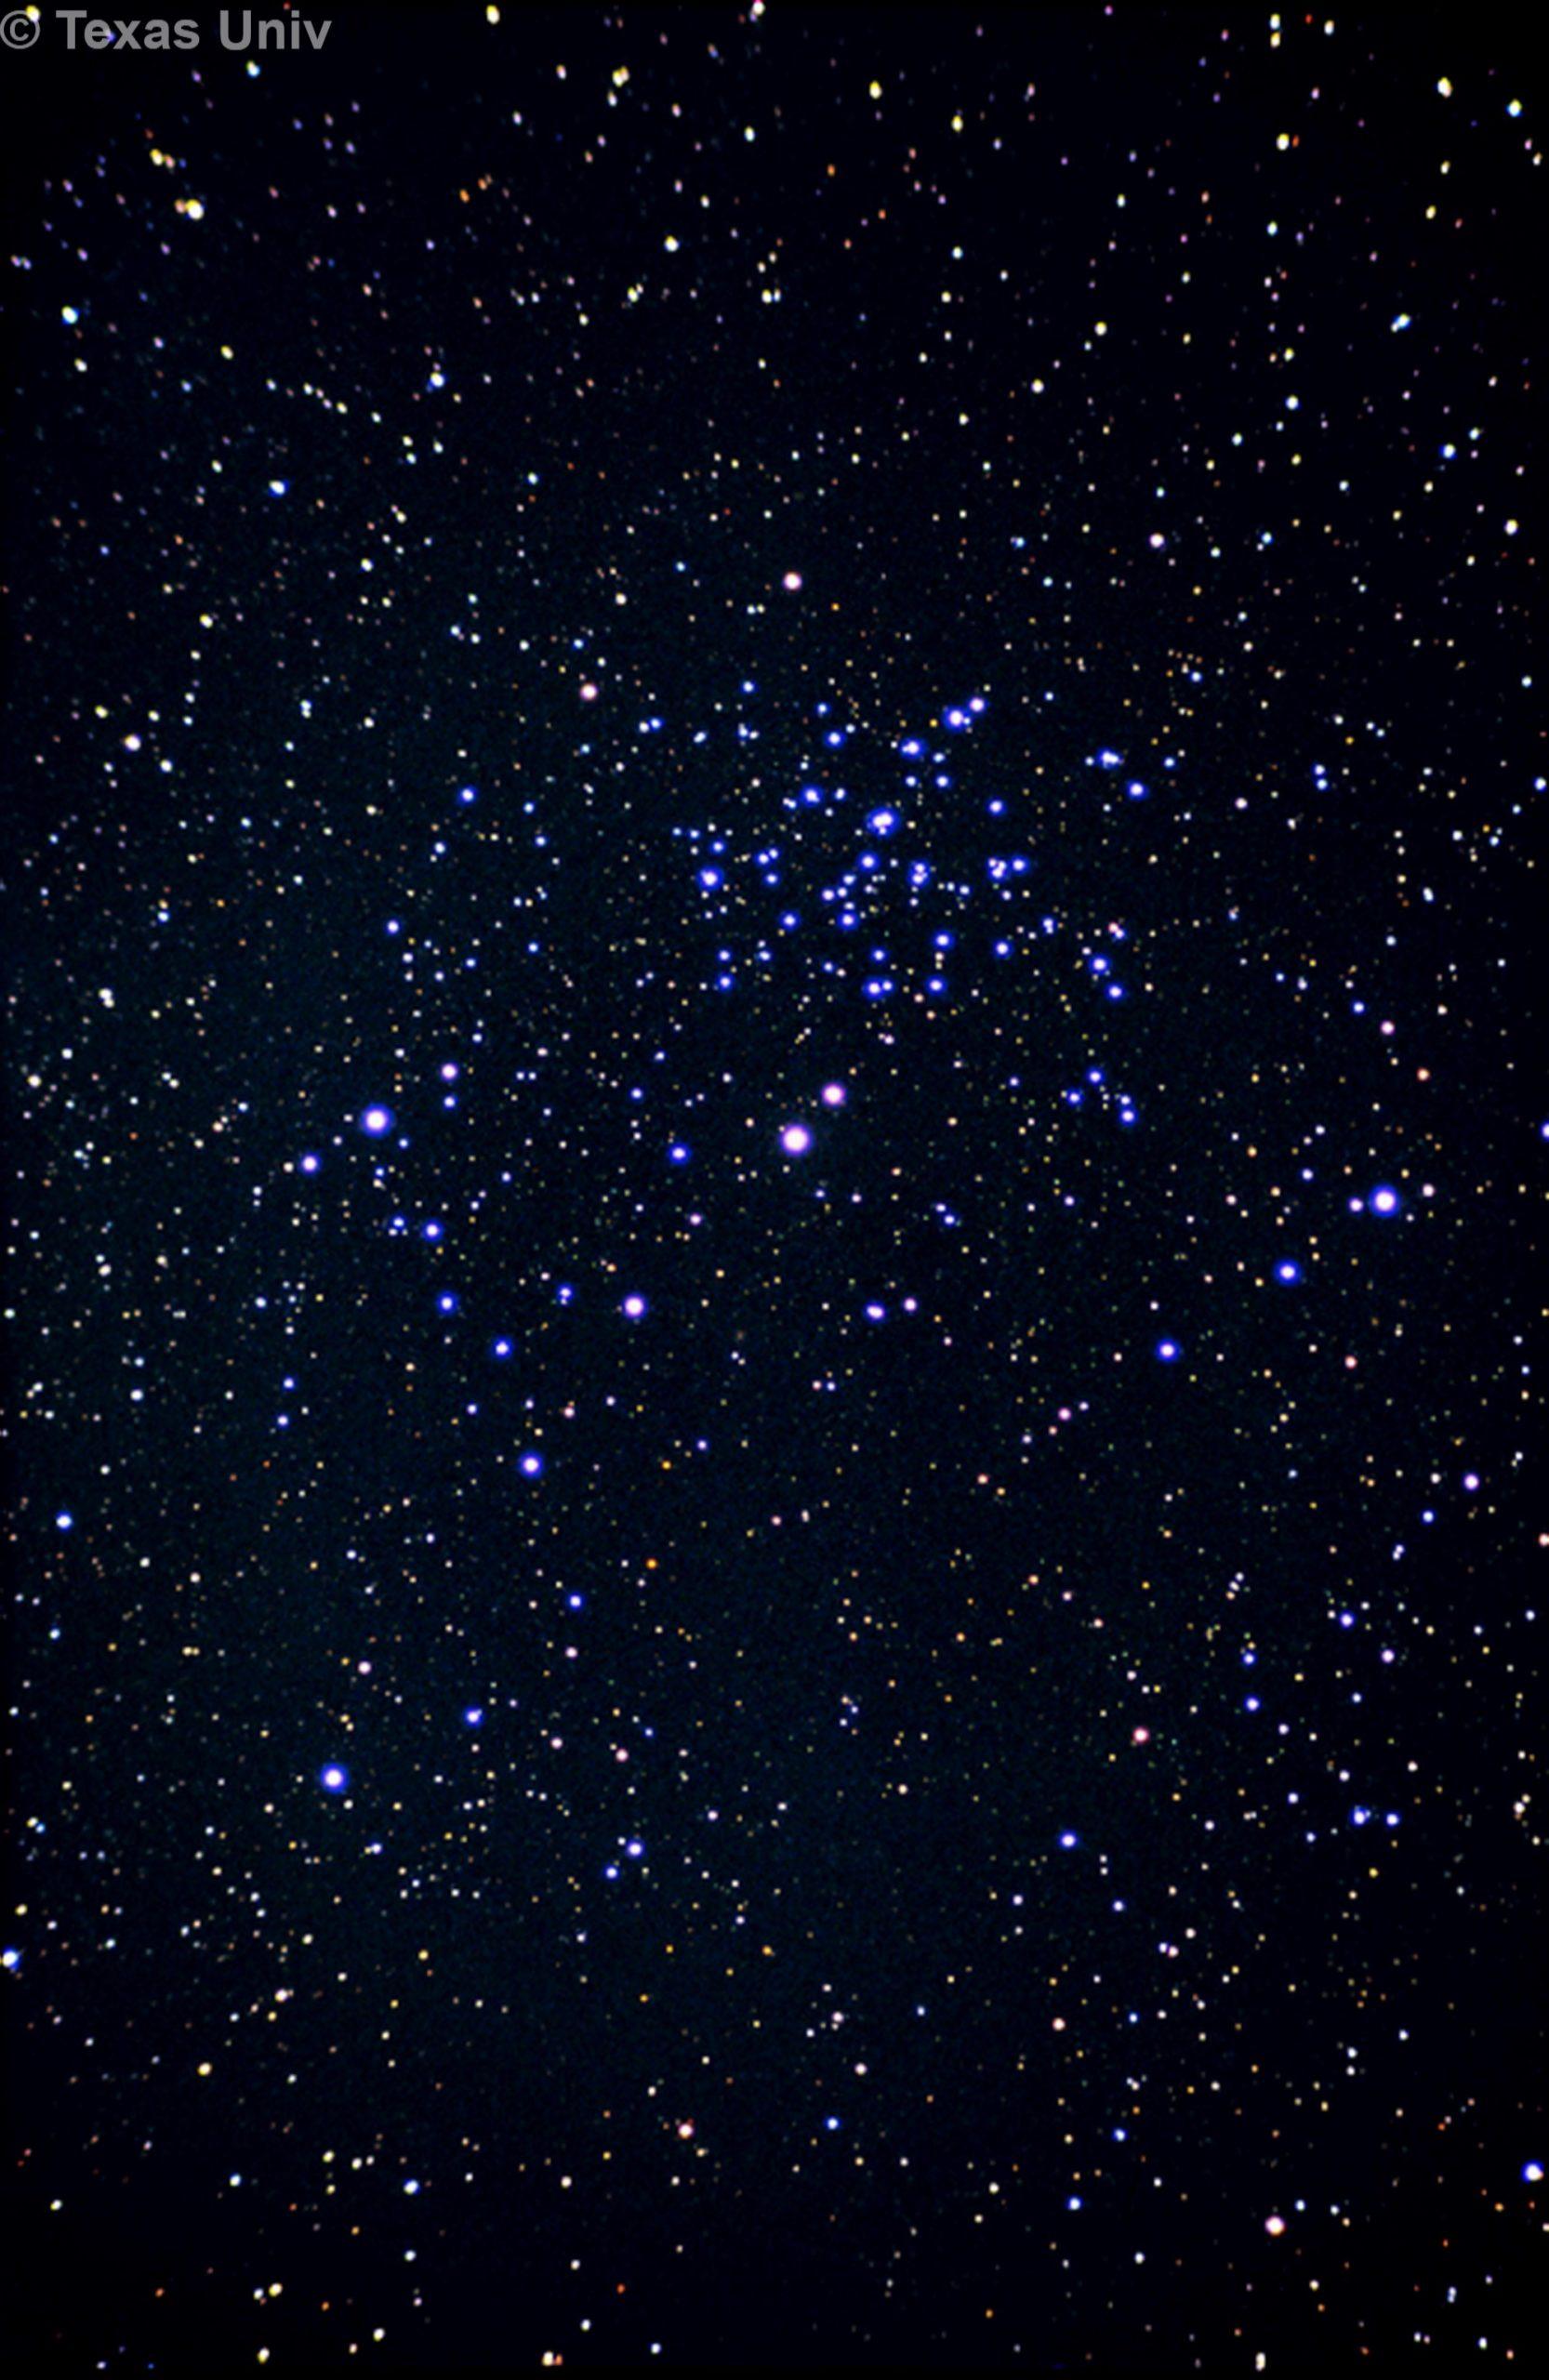 NGC 1547